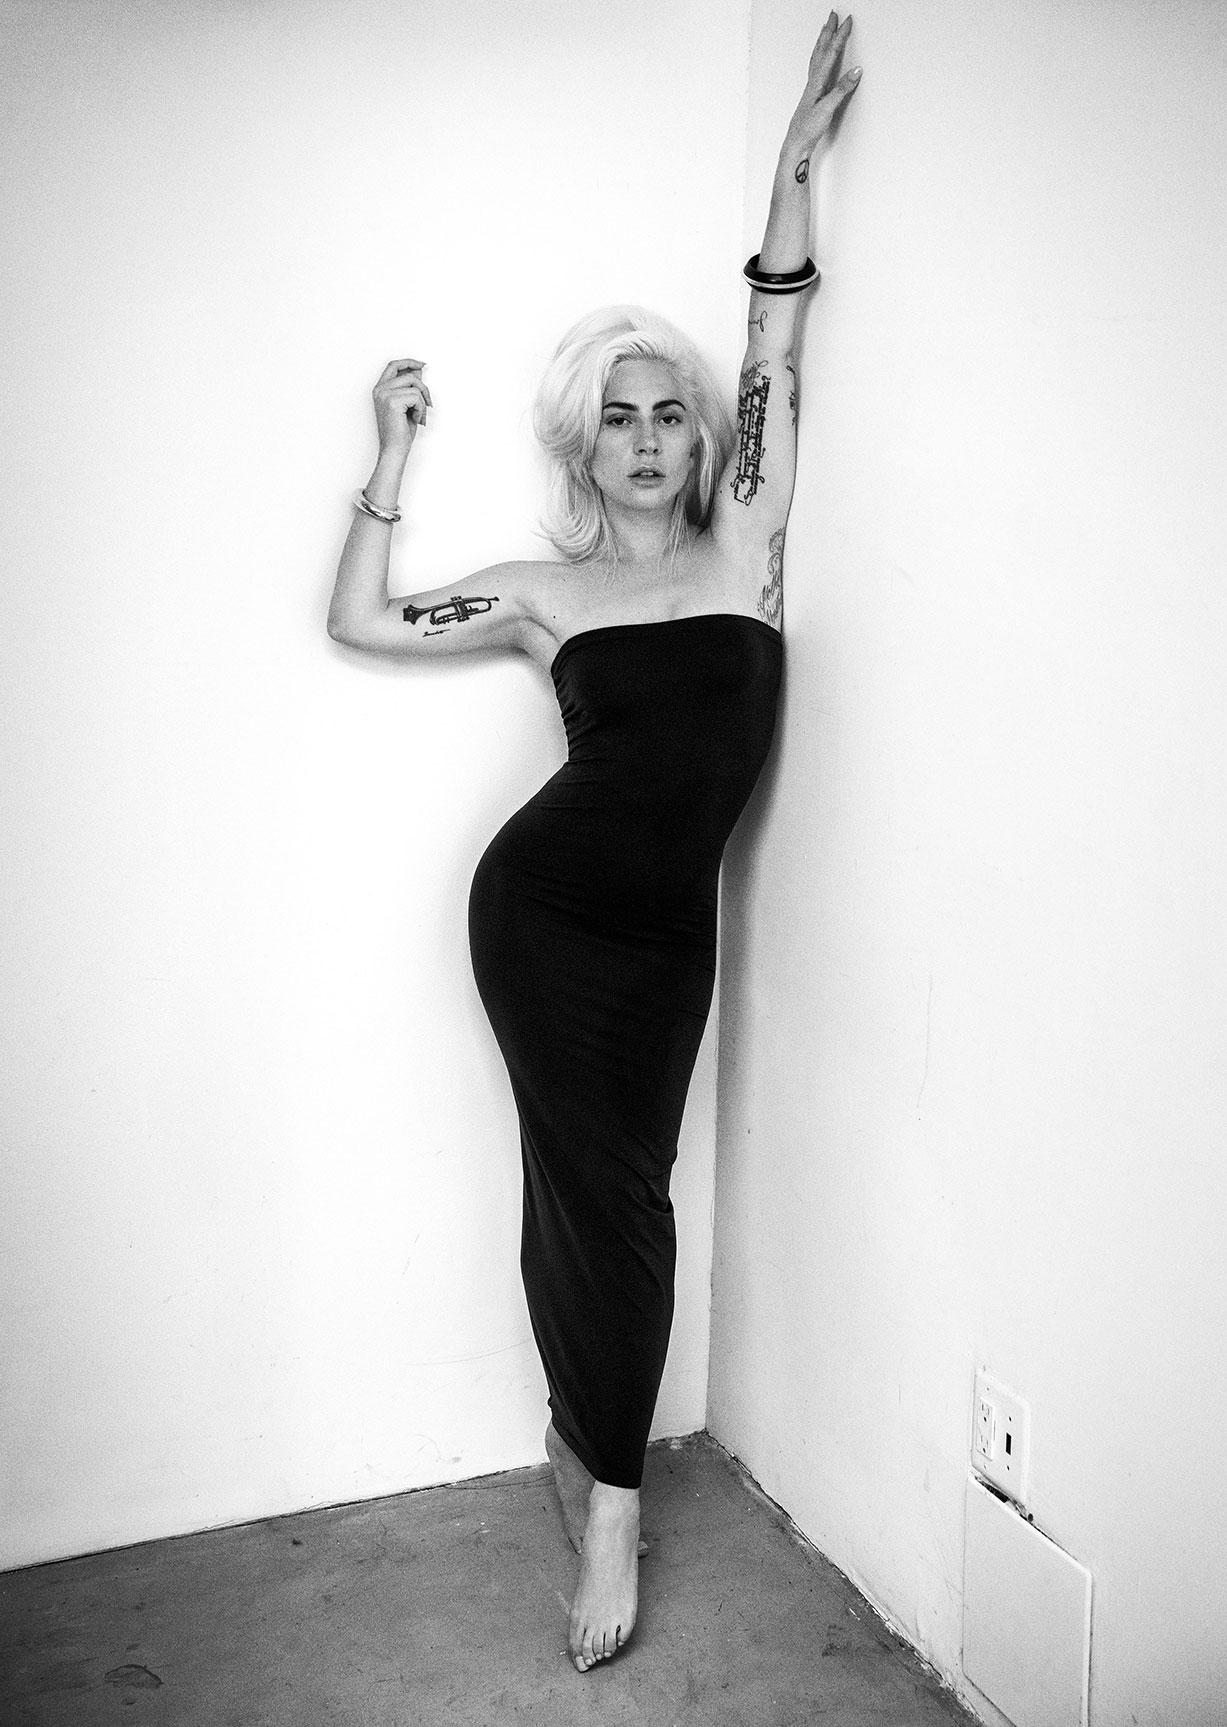 Lady Gaga by Inez van Lamsweerde and Vinoodh Matadin